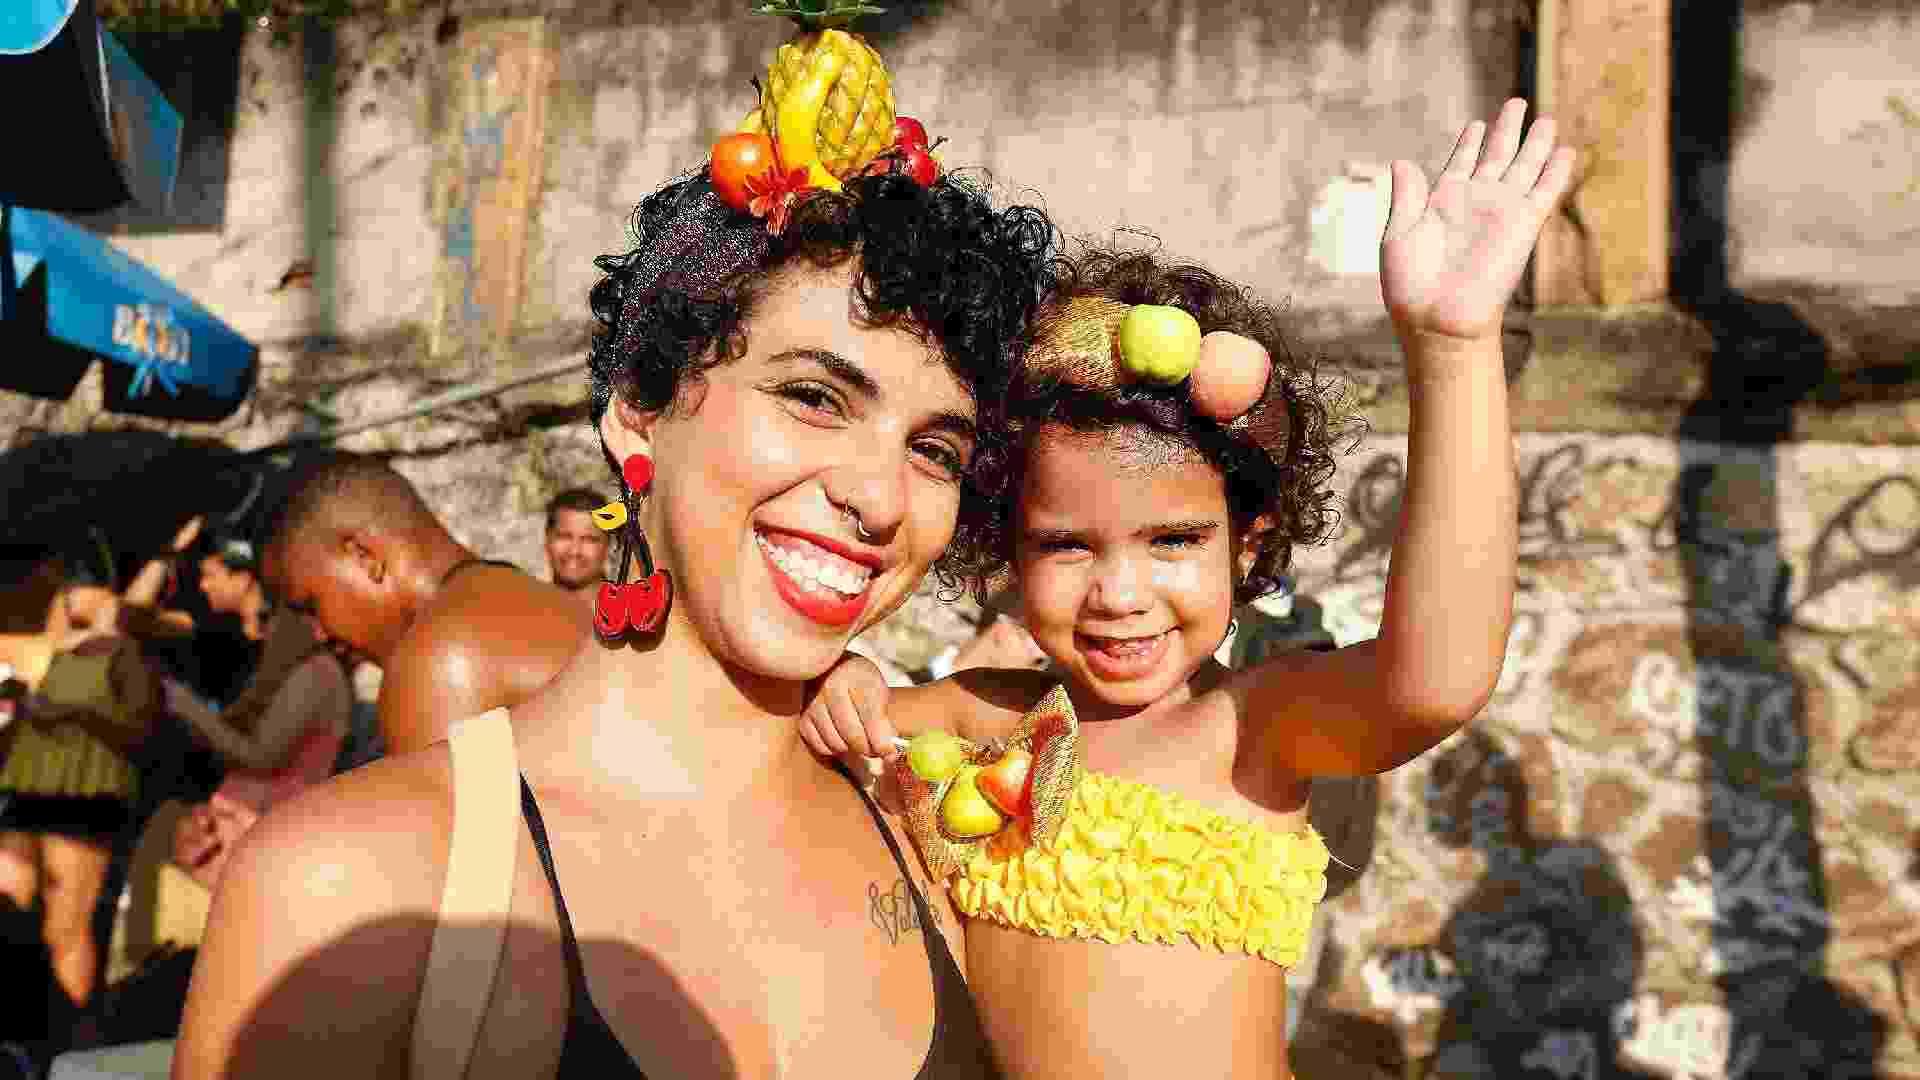 24.fev.2017 - Karla e sua filha Valentina acompanham o Bloco das Carmelitas pelas ruas de Santa Teresa, no Rio de Janeiro - Marcelo de Jesus/UOL